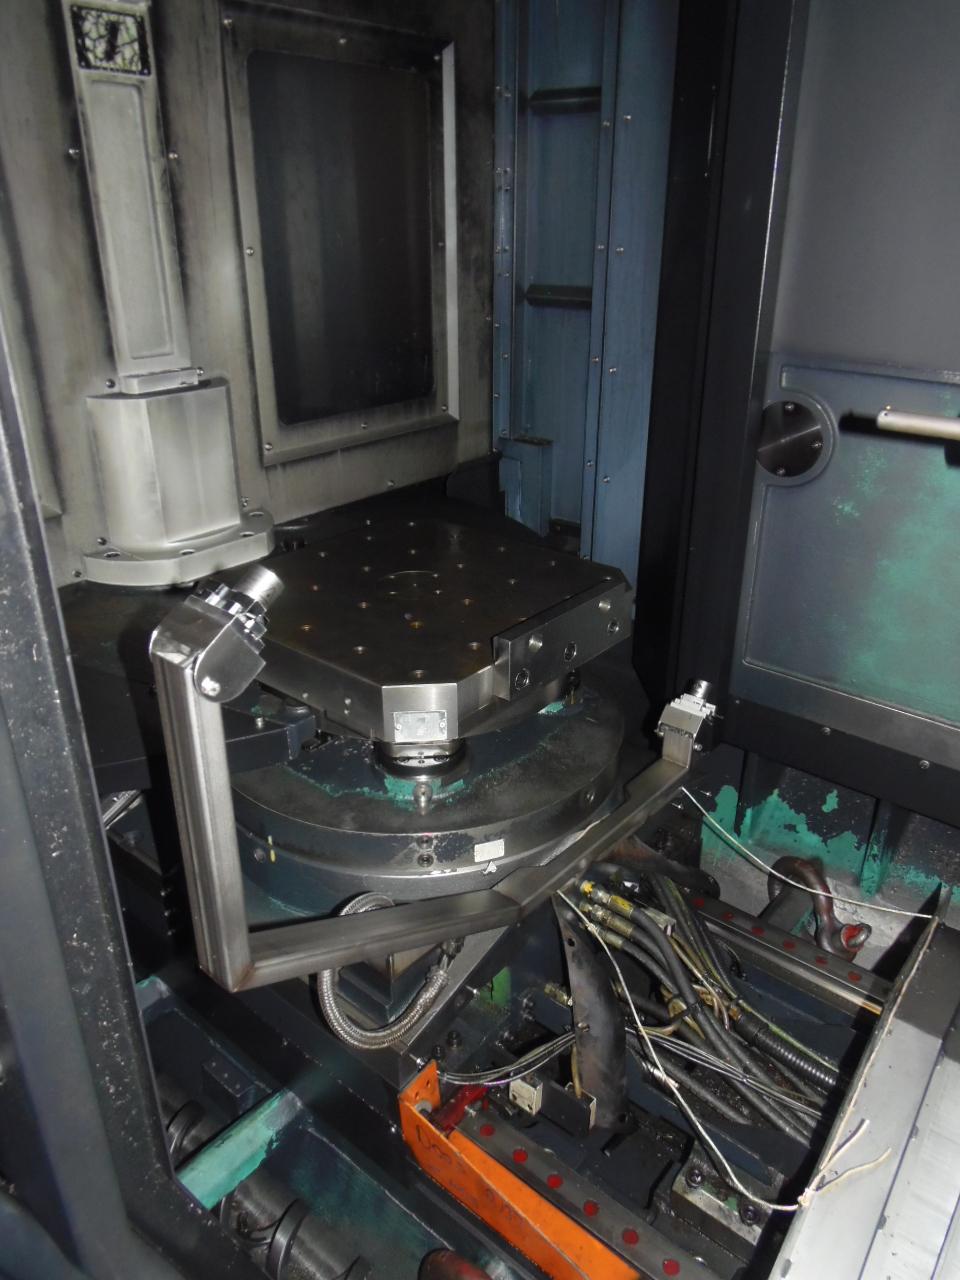 """DOOSAN HP-5100, 33.5 X 27.6 X 29.5 TRAVELS, 2-19.7"""" PALLETS, FANUC 31i, TSC, CHIP, 60 ATC, CAT 40, 12,000 RPM, 2362 RAPIDS,  2010"""